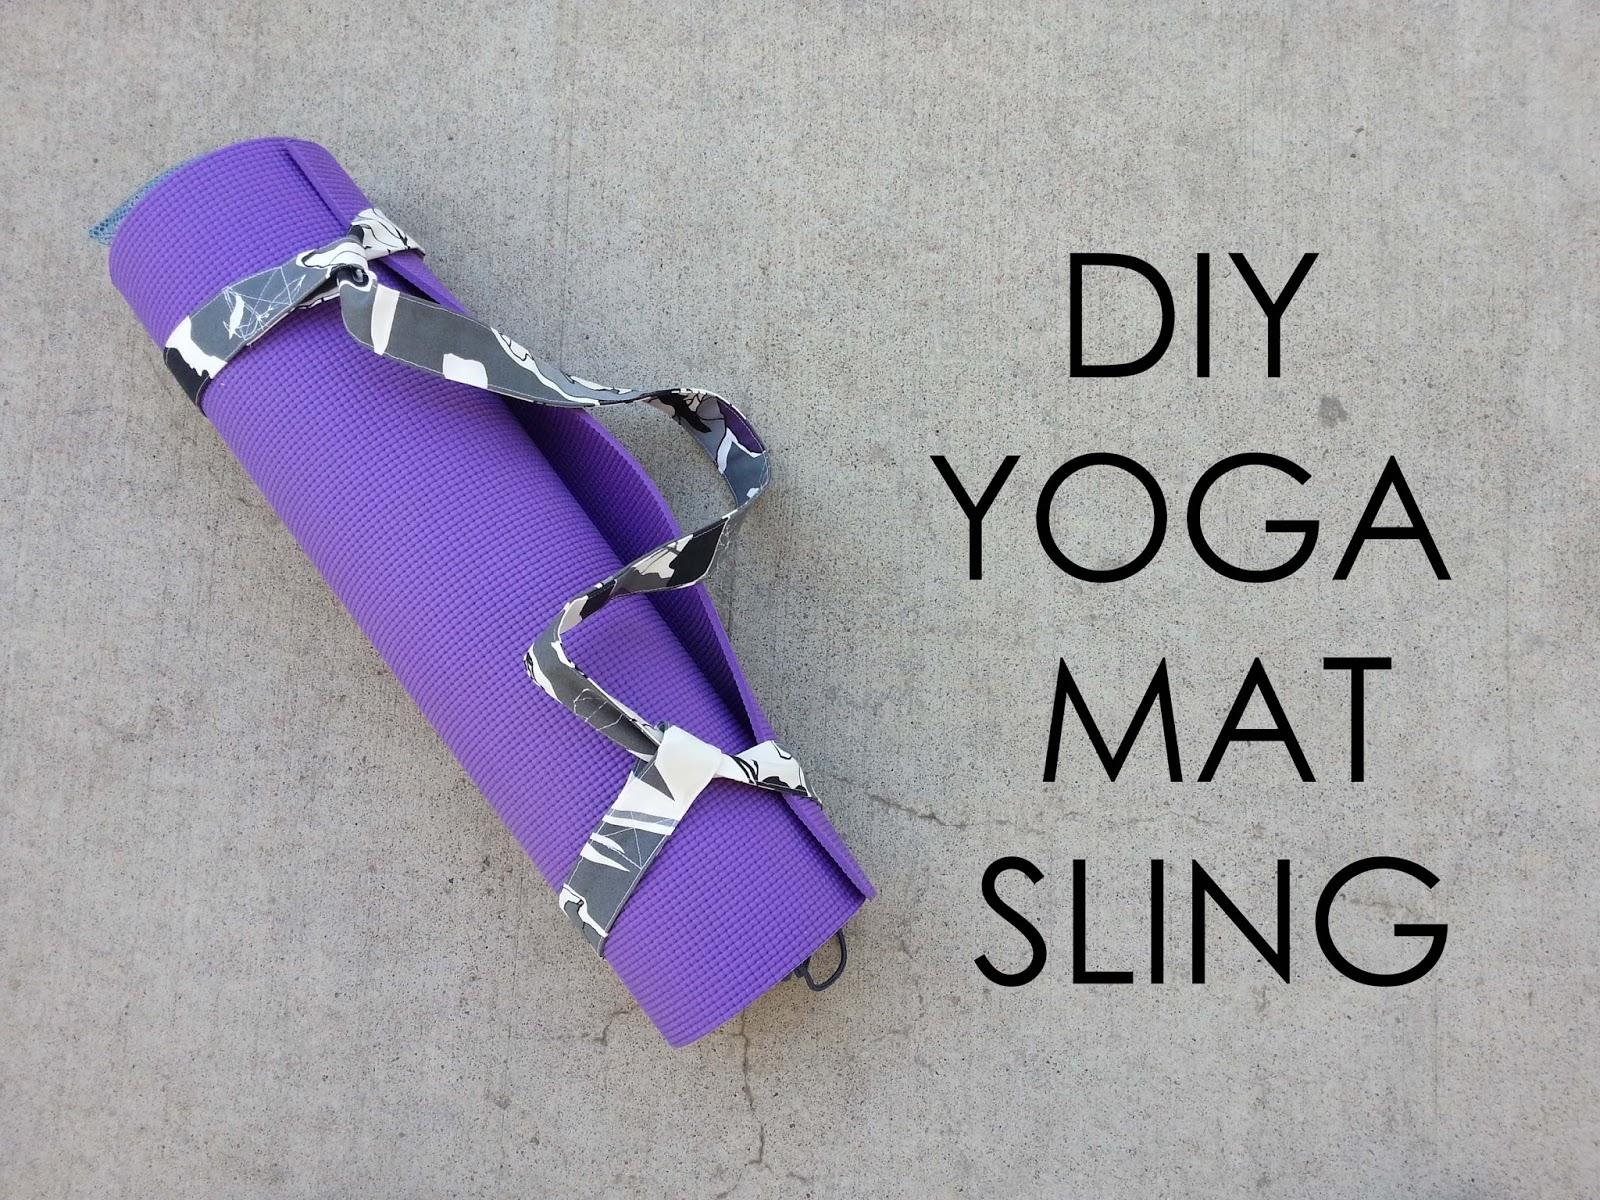 strap mats belt carrier itm mat yoga exercise sling shoulder straps adjustable gym sports